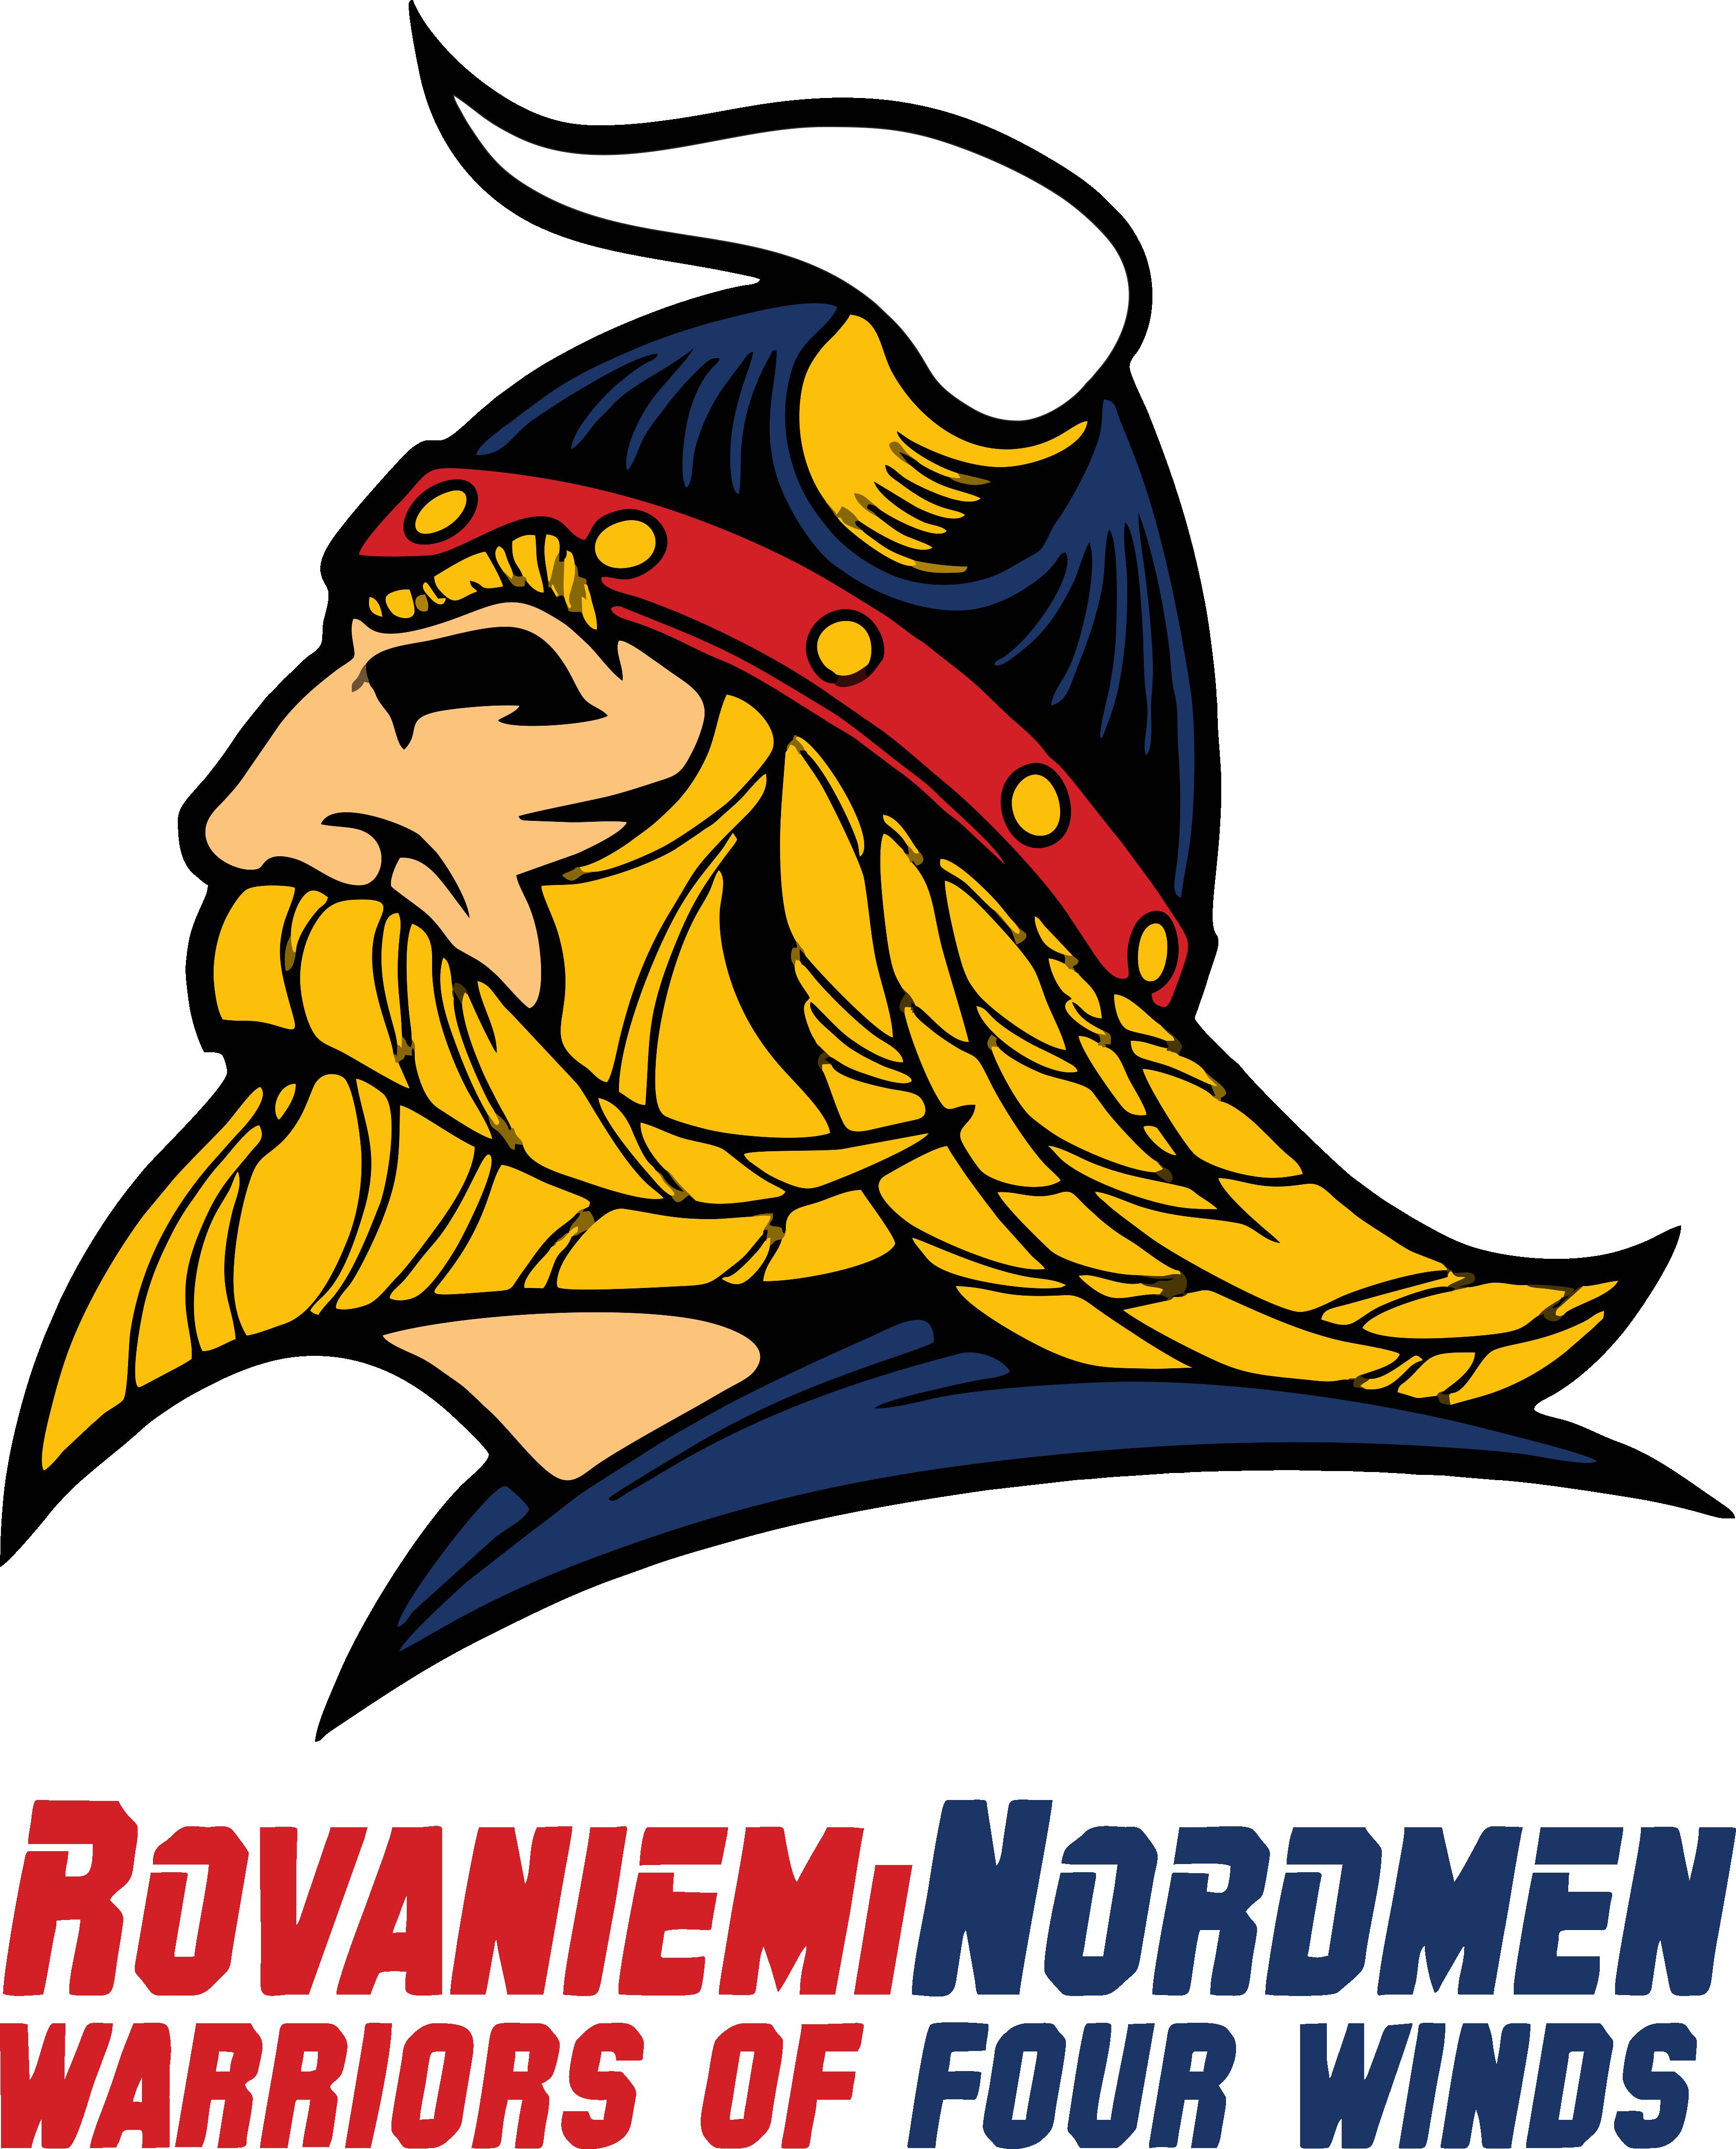 Rovaniemi Nordmen